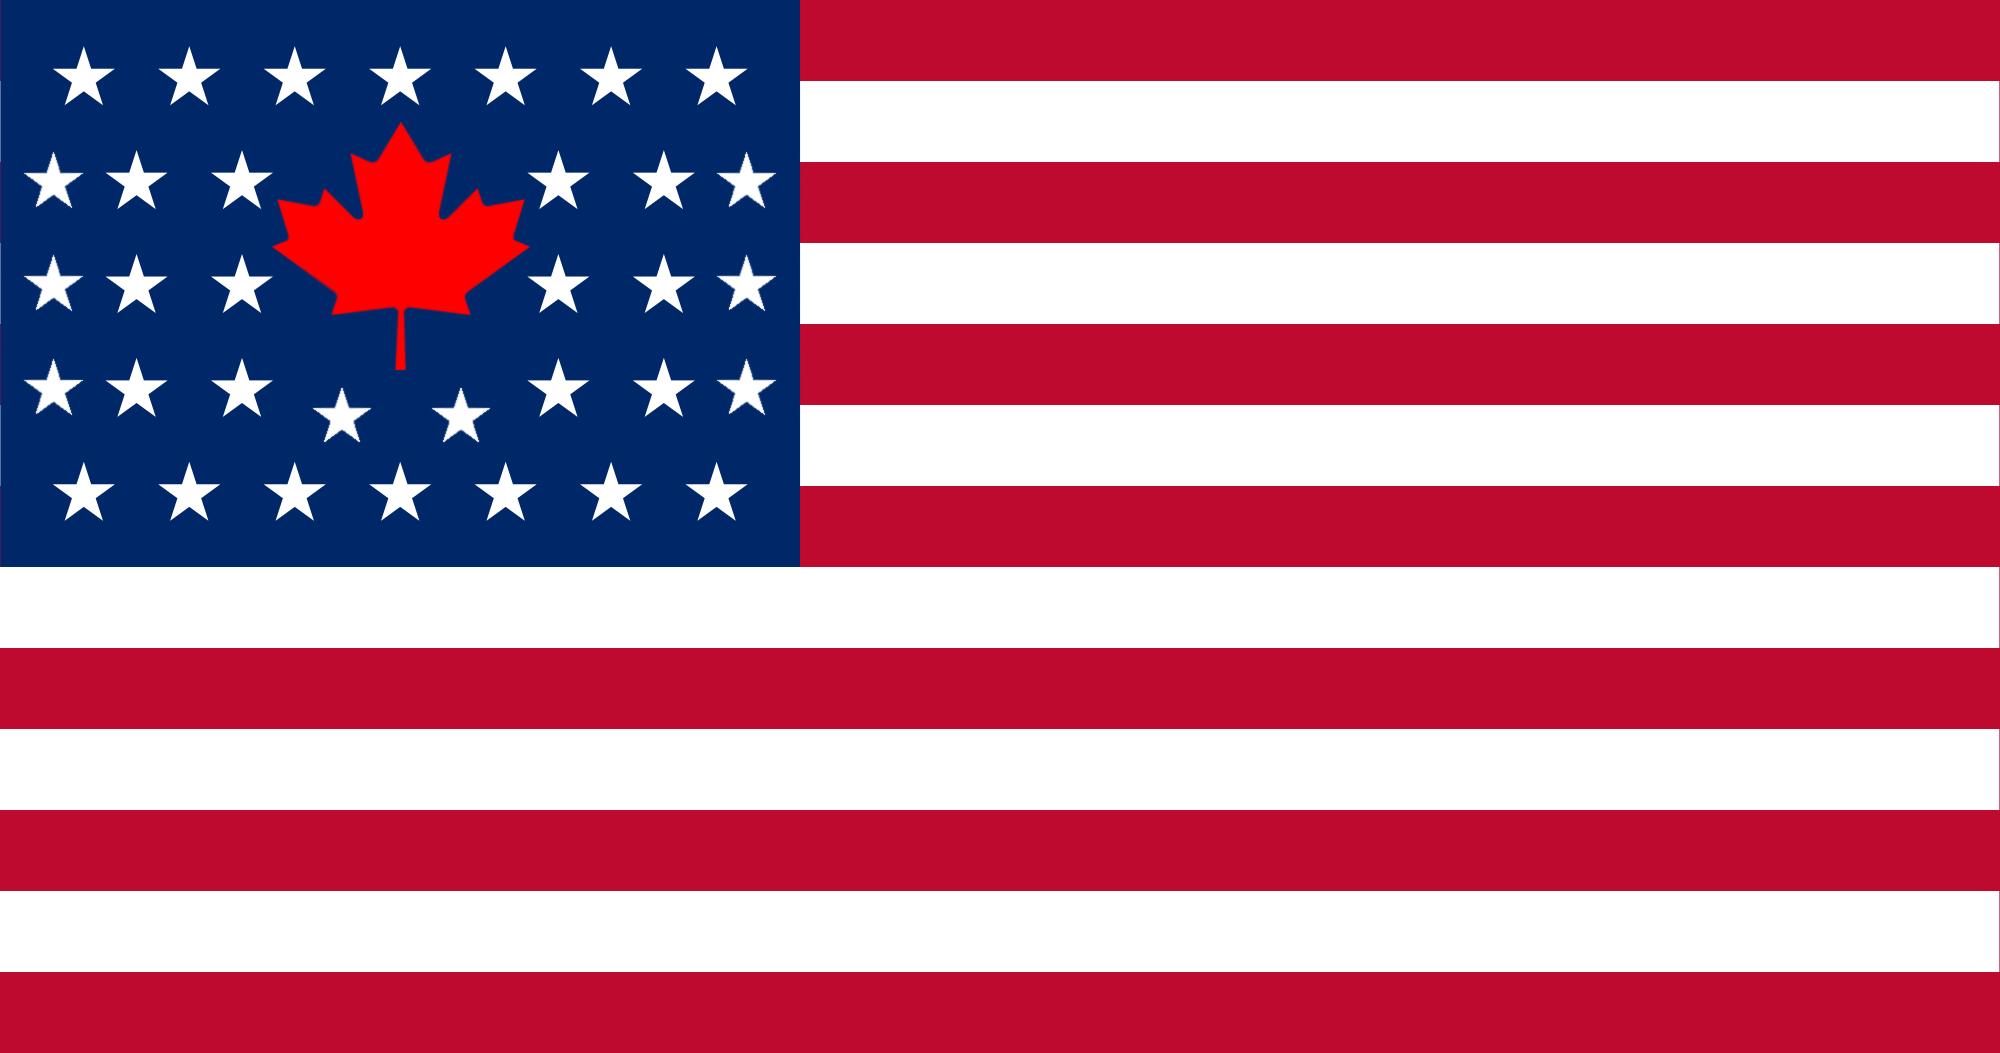 Estados Unidos (¡Viva la Pepa!)